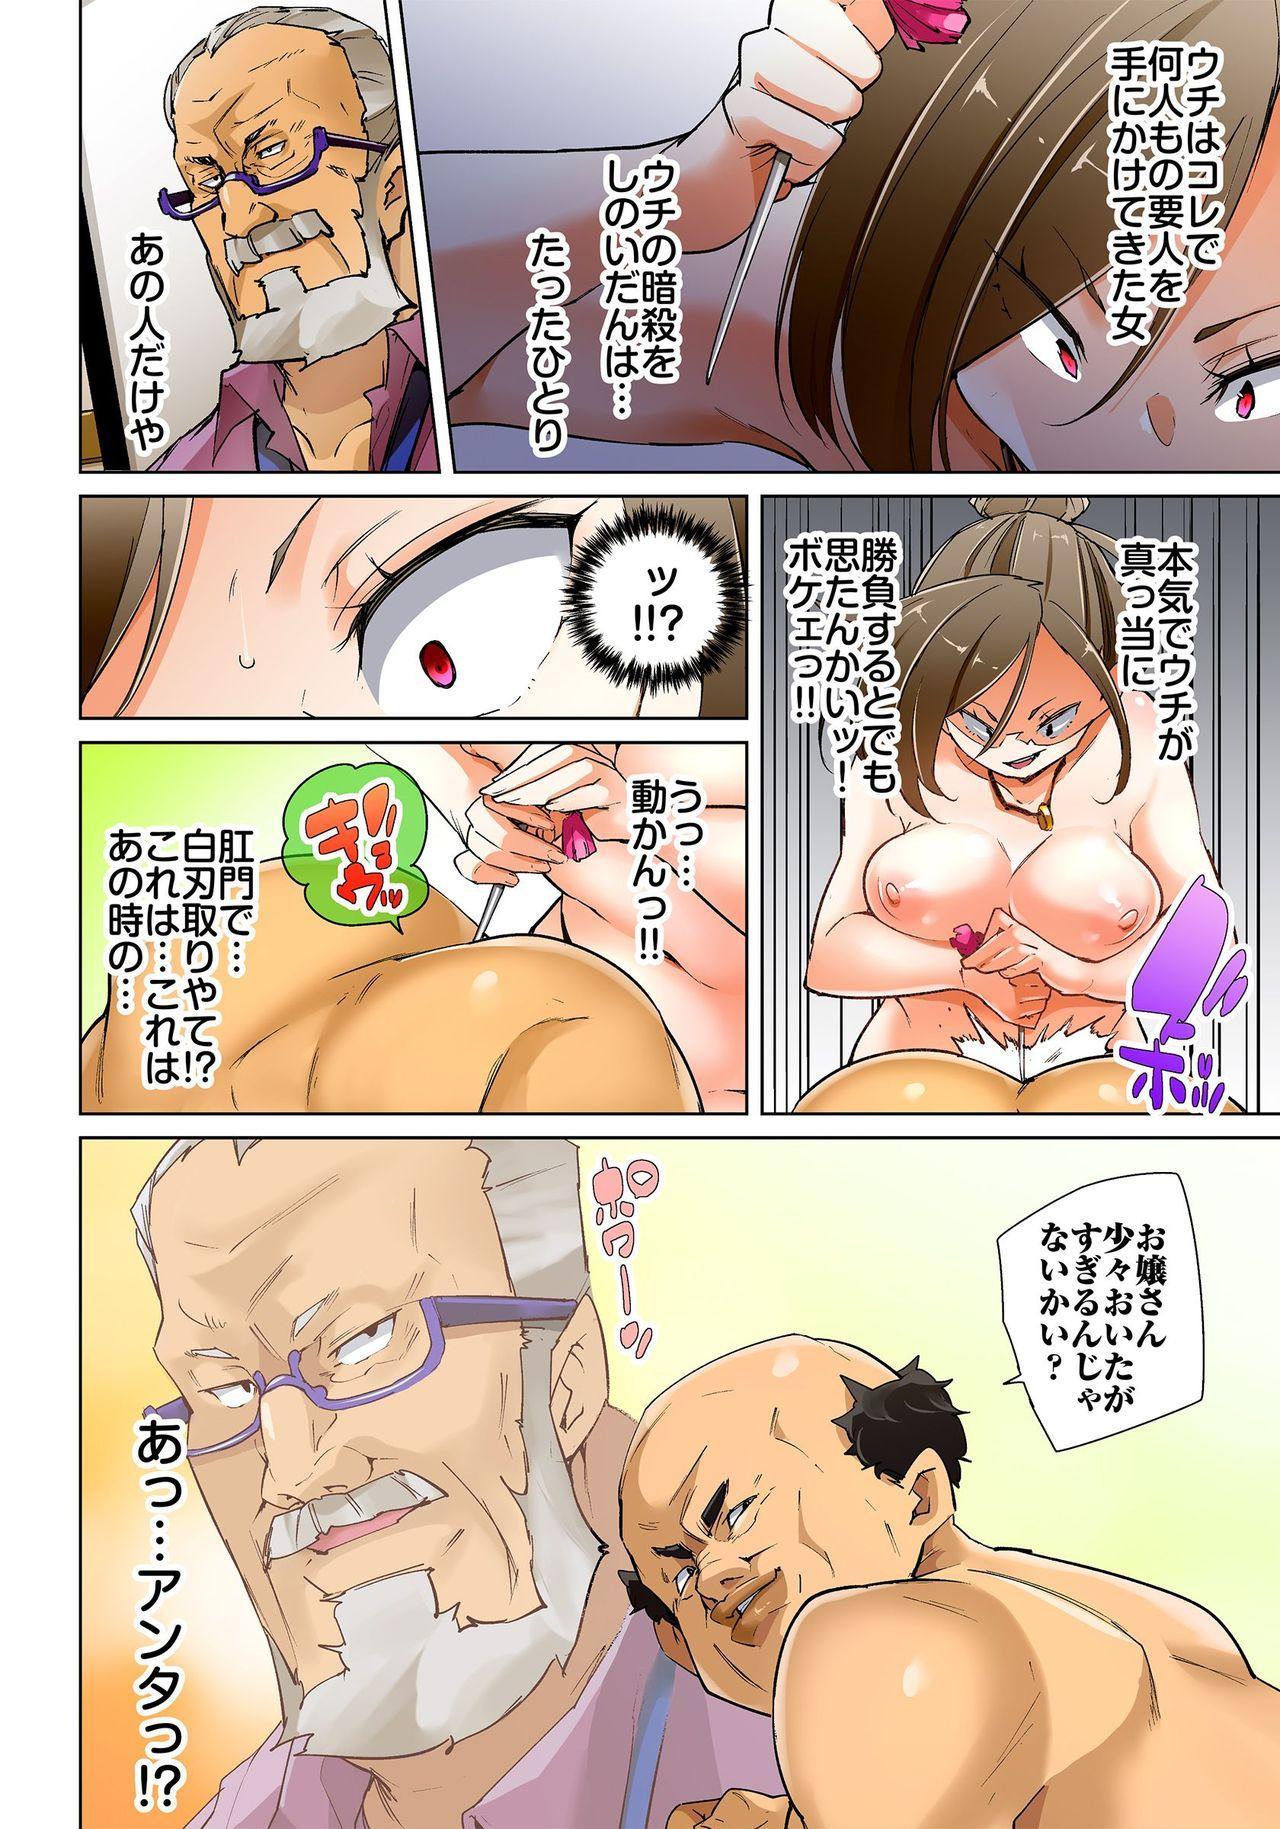 [Marui Maru] Hattara Yarechau!? Ero Seal ~Wagamama JK no Asoko o Tatta 1-mai de Dorei ni~ 1-16 [Digital] 377